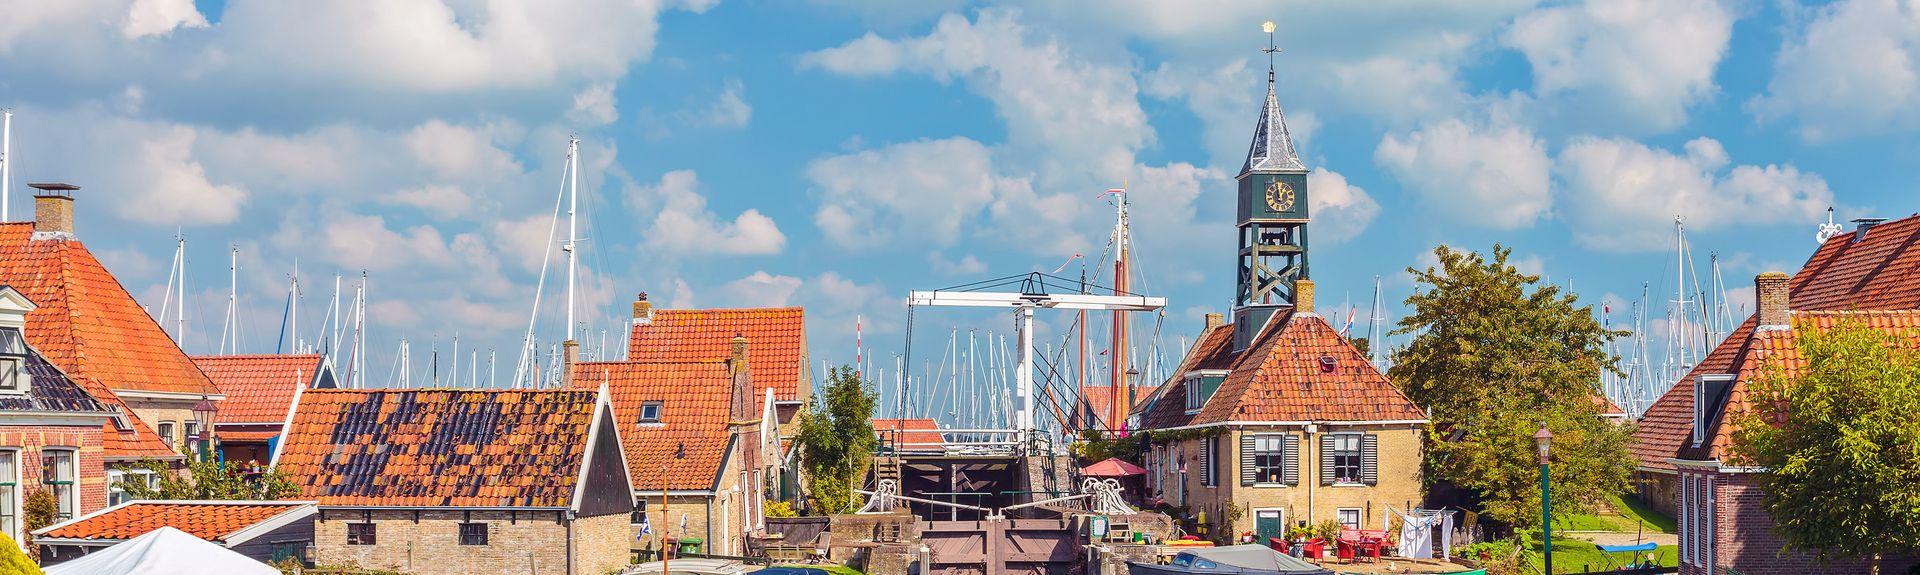 Friesland, Niederlande